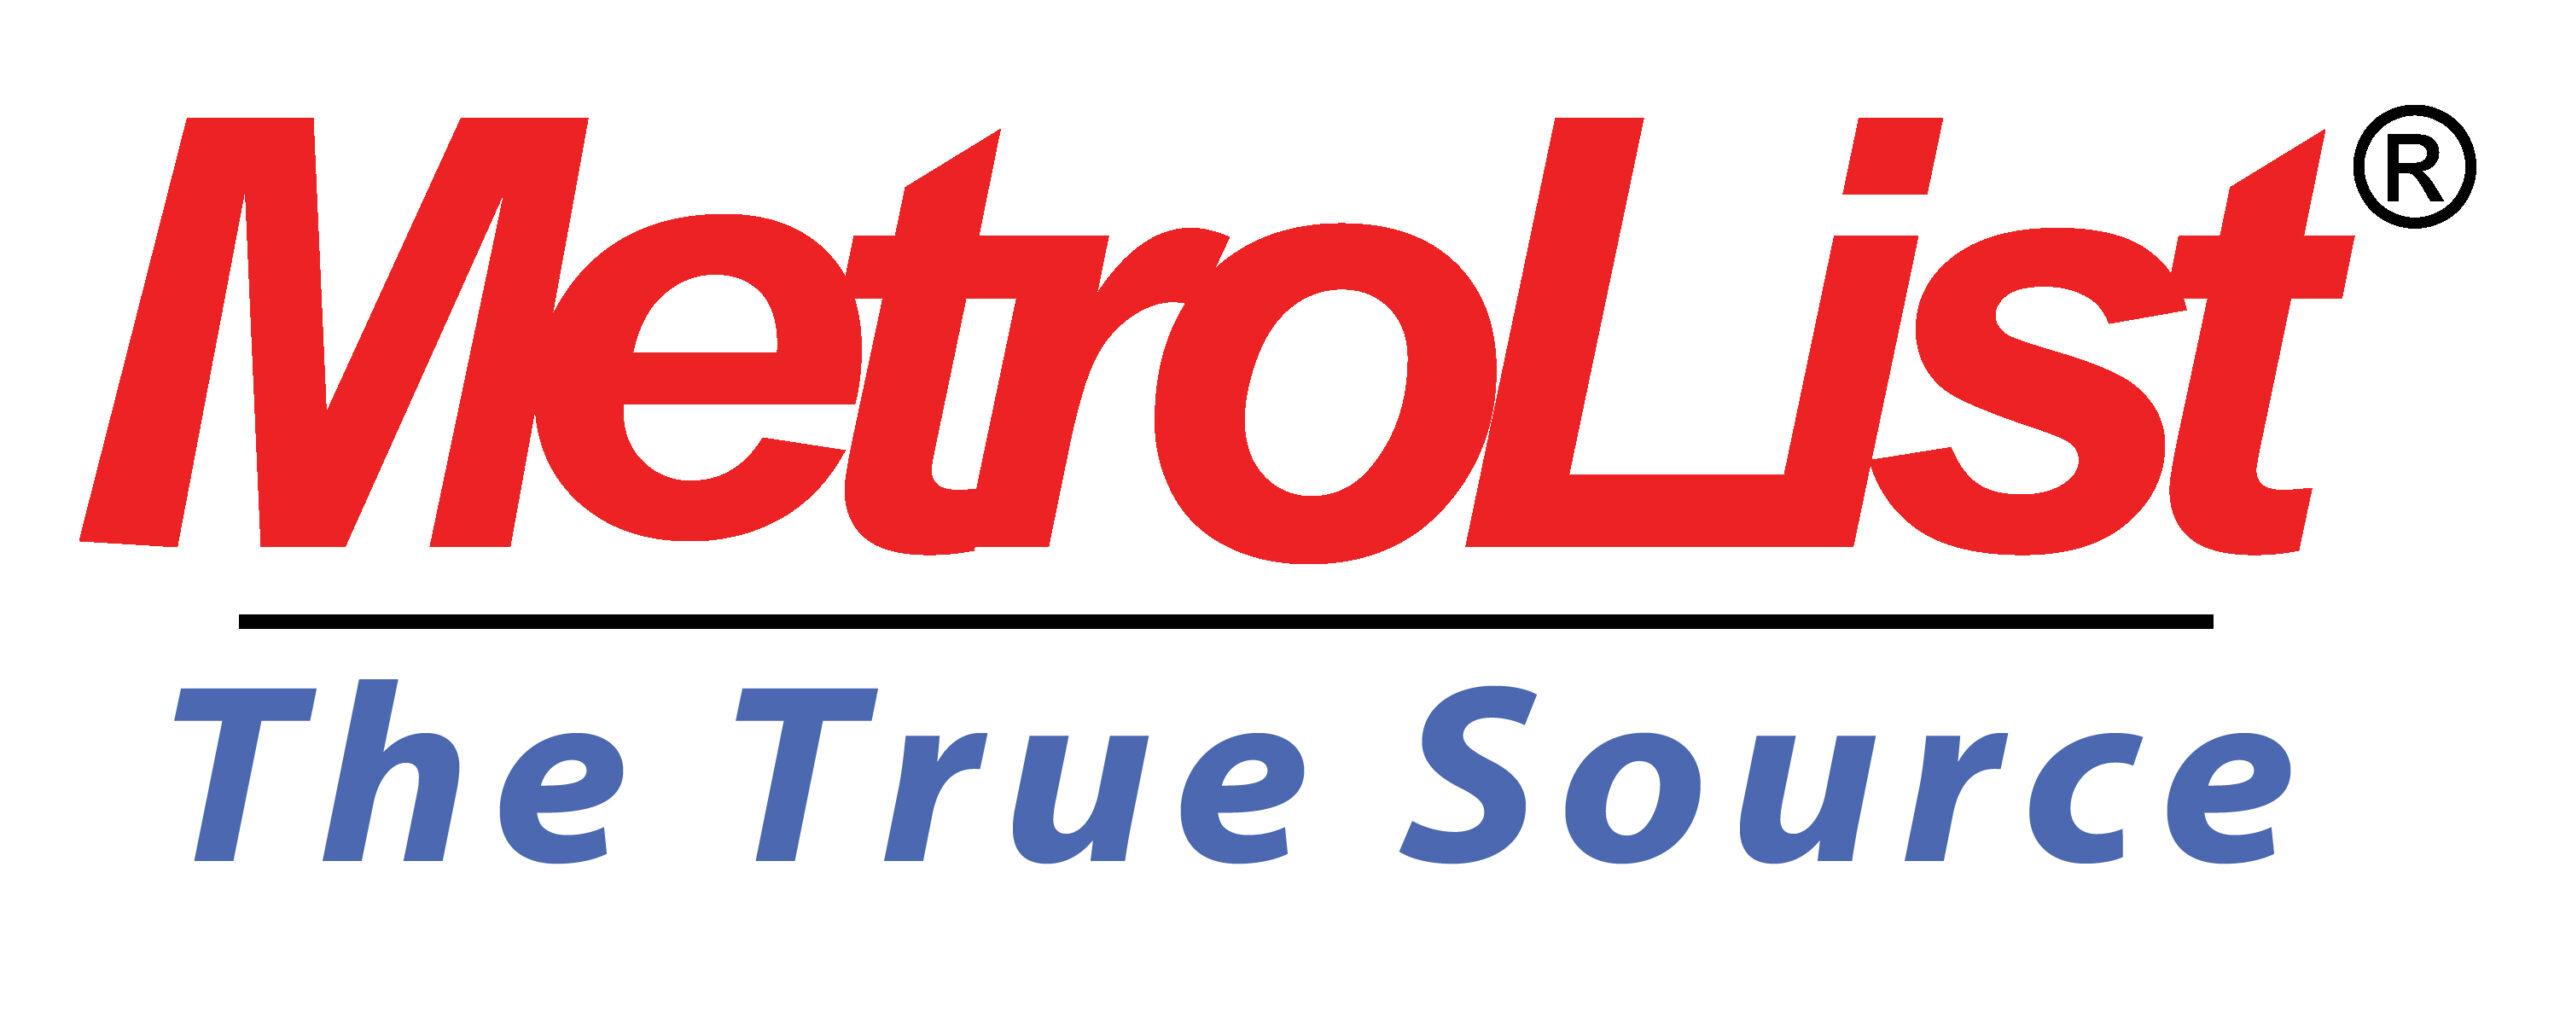 metrolist_TRUE SOURCE color - jpg